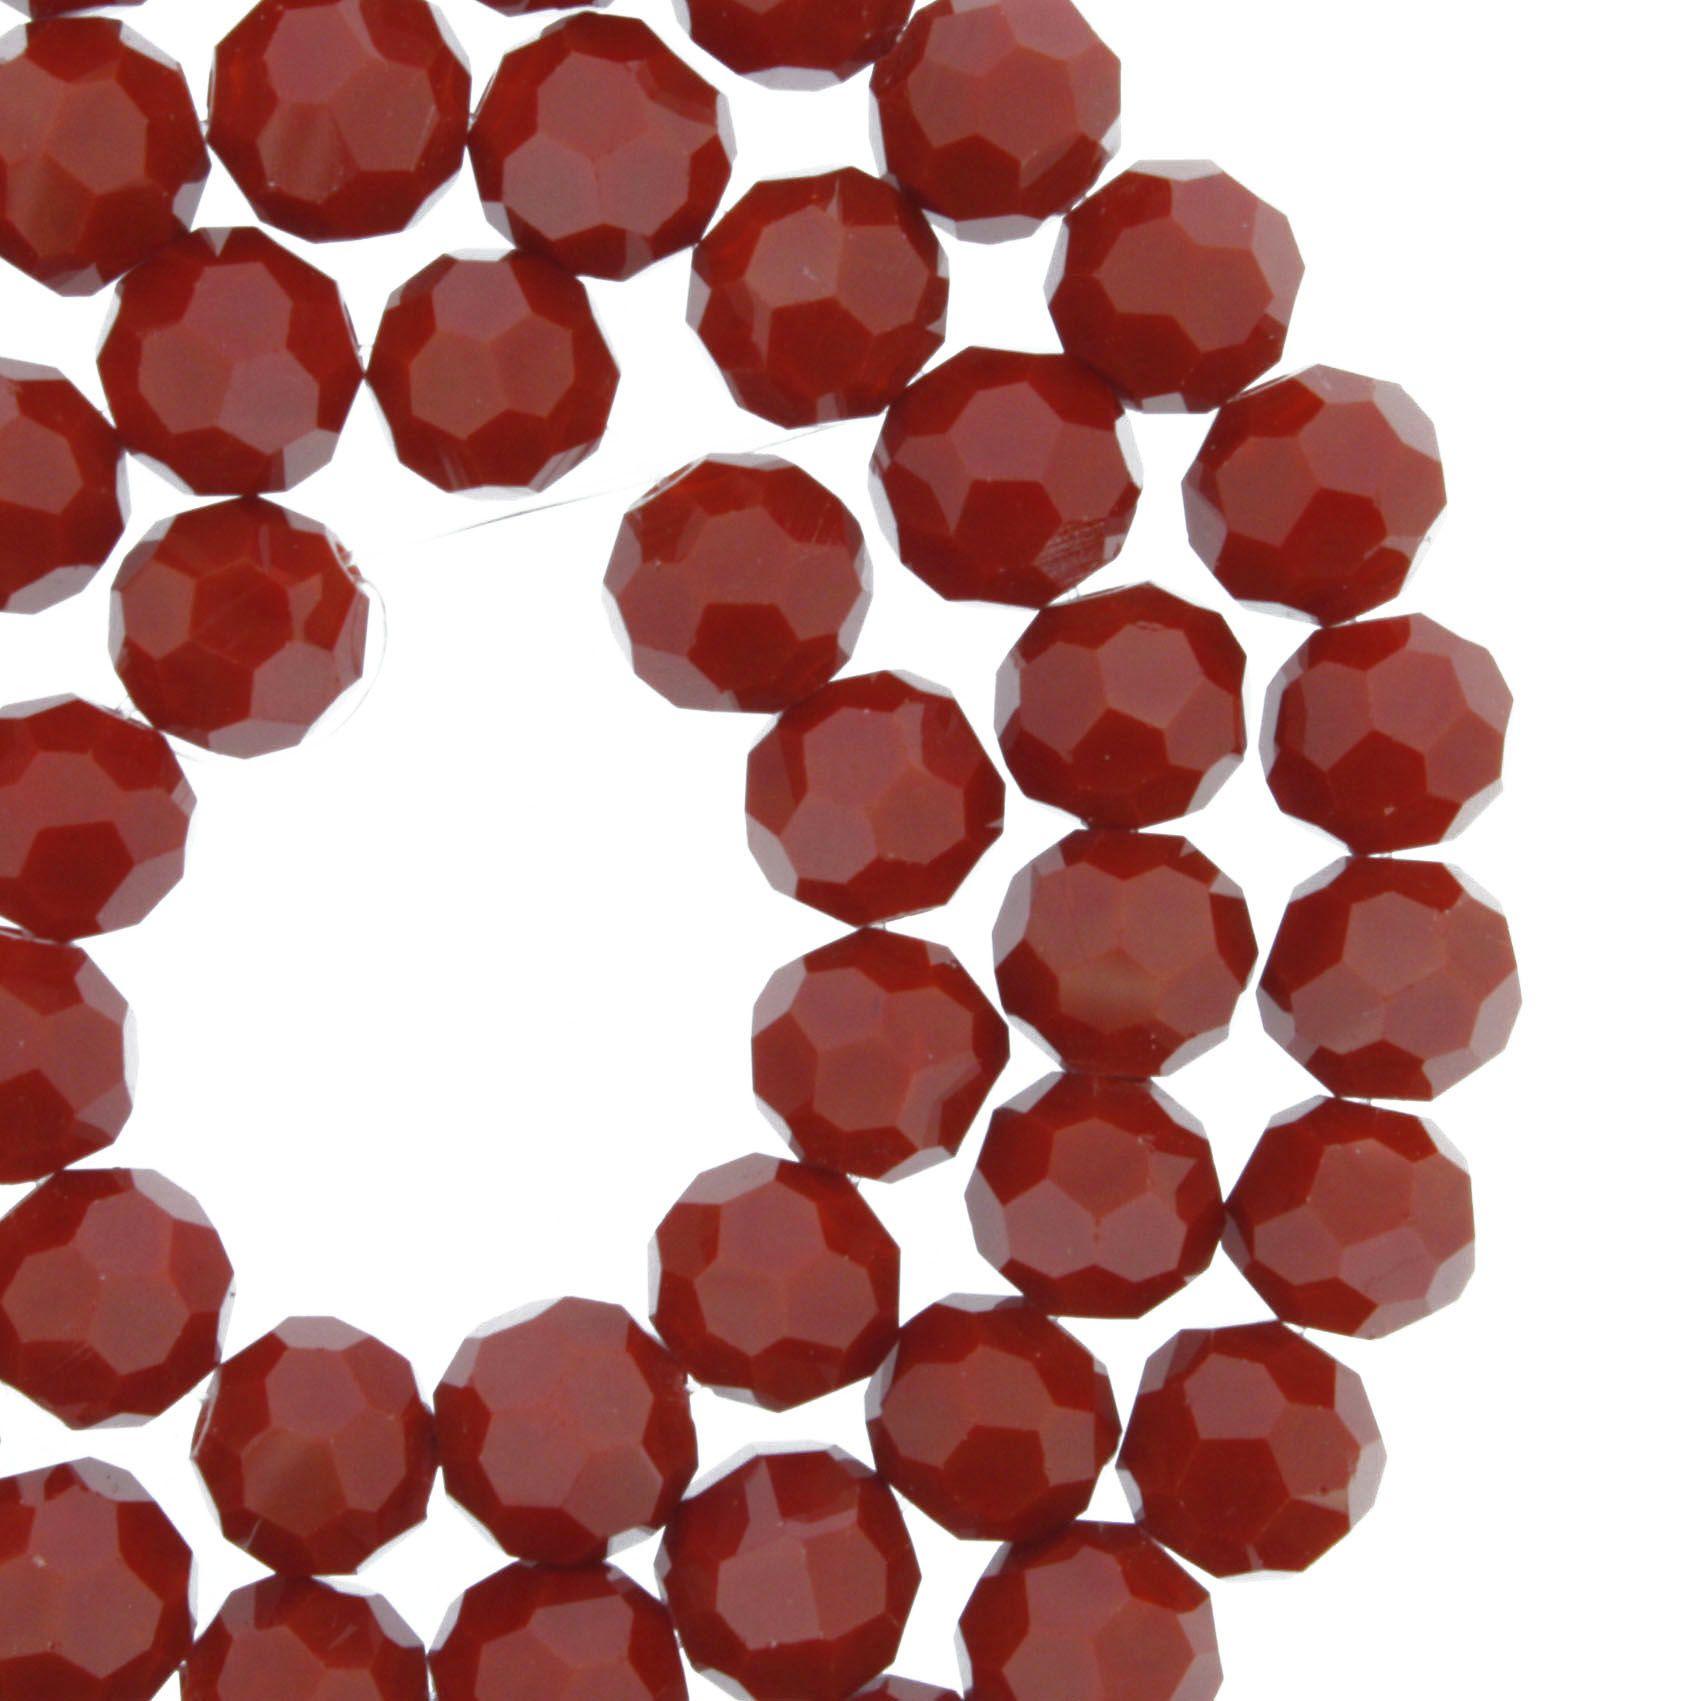 Fio de Cristal - Premium® - Vermelho - 8mm  - Stéphanie Bijoux® - Peças para Bijuterias e Artesanato